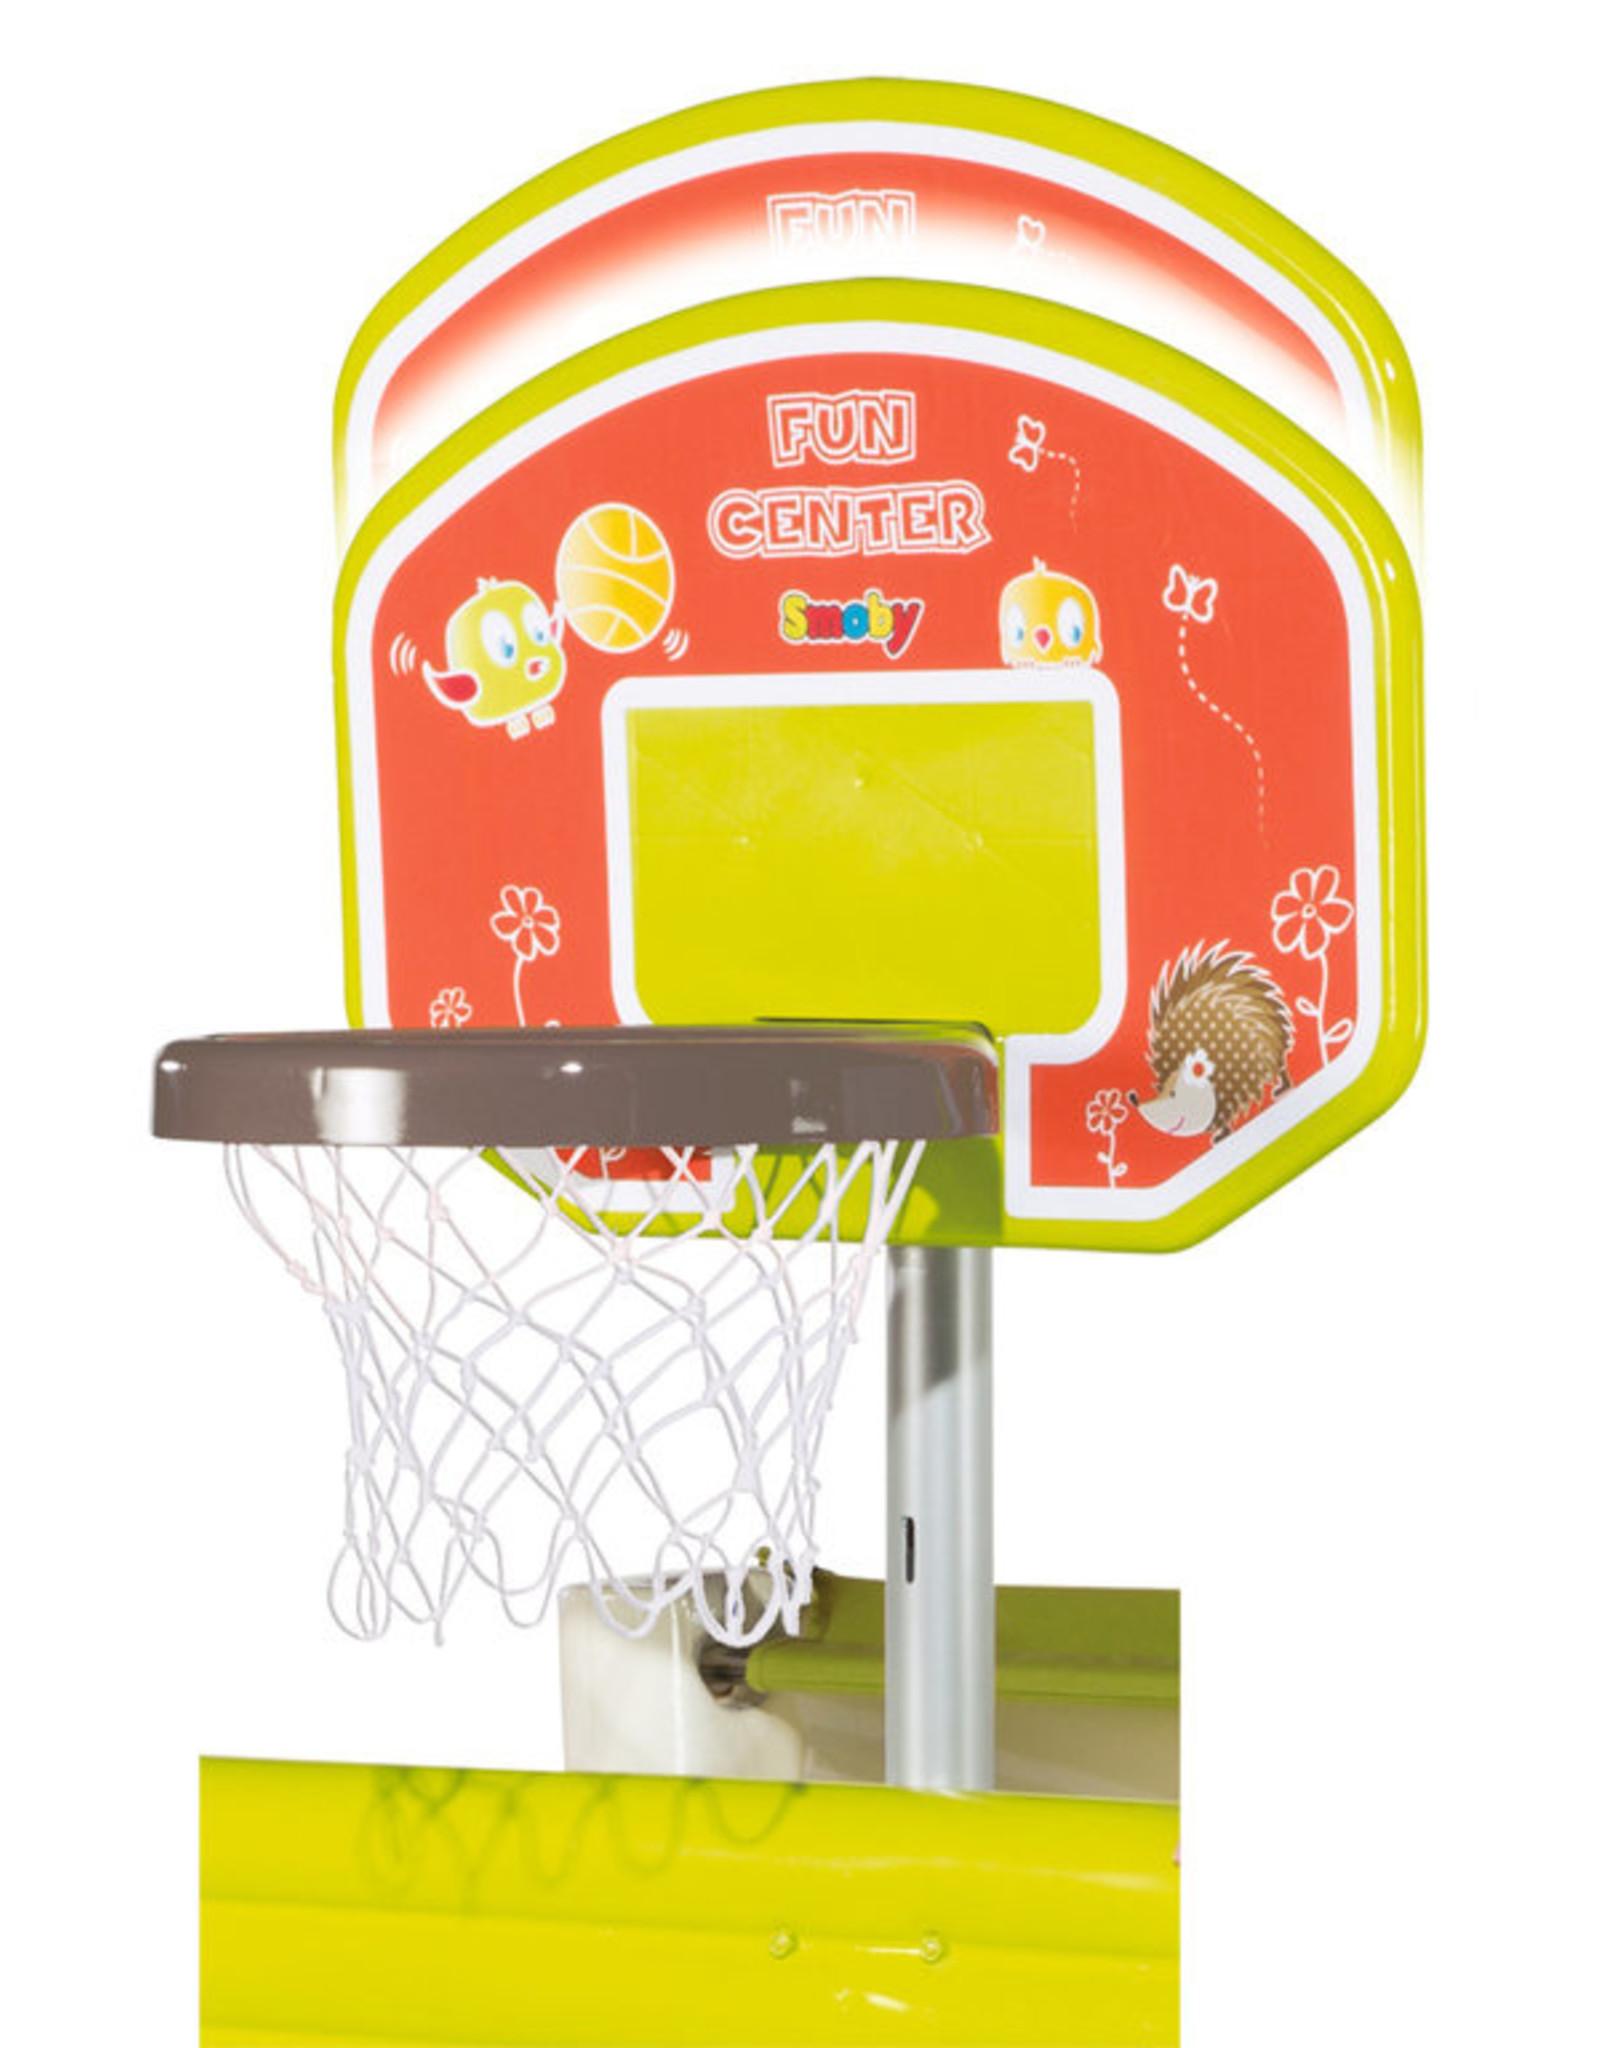 Smoby Smoby Fun Center 840203 - Speeltoestel - Altoys